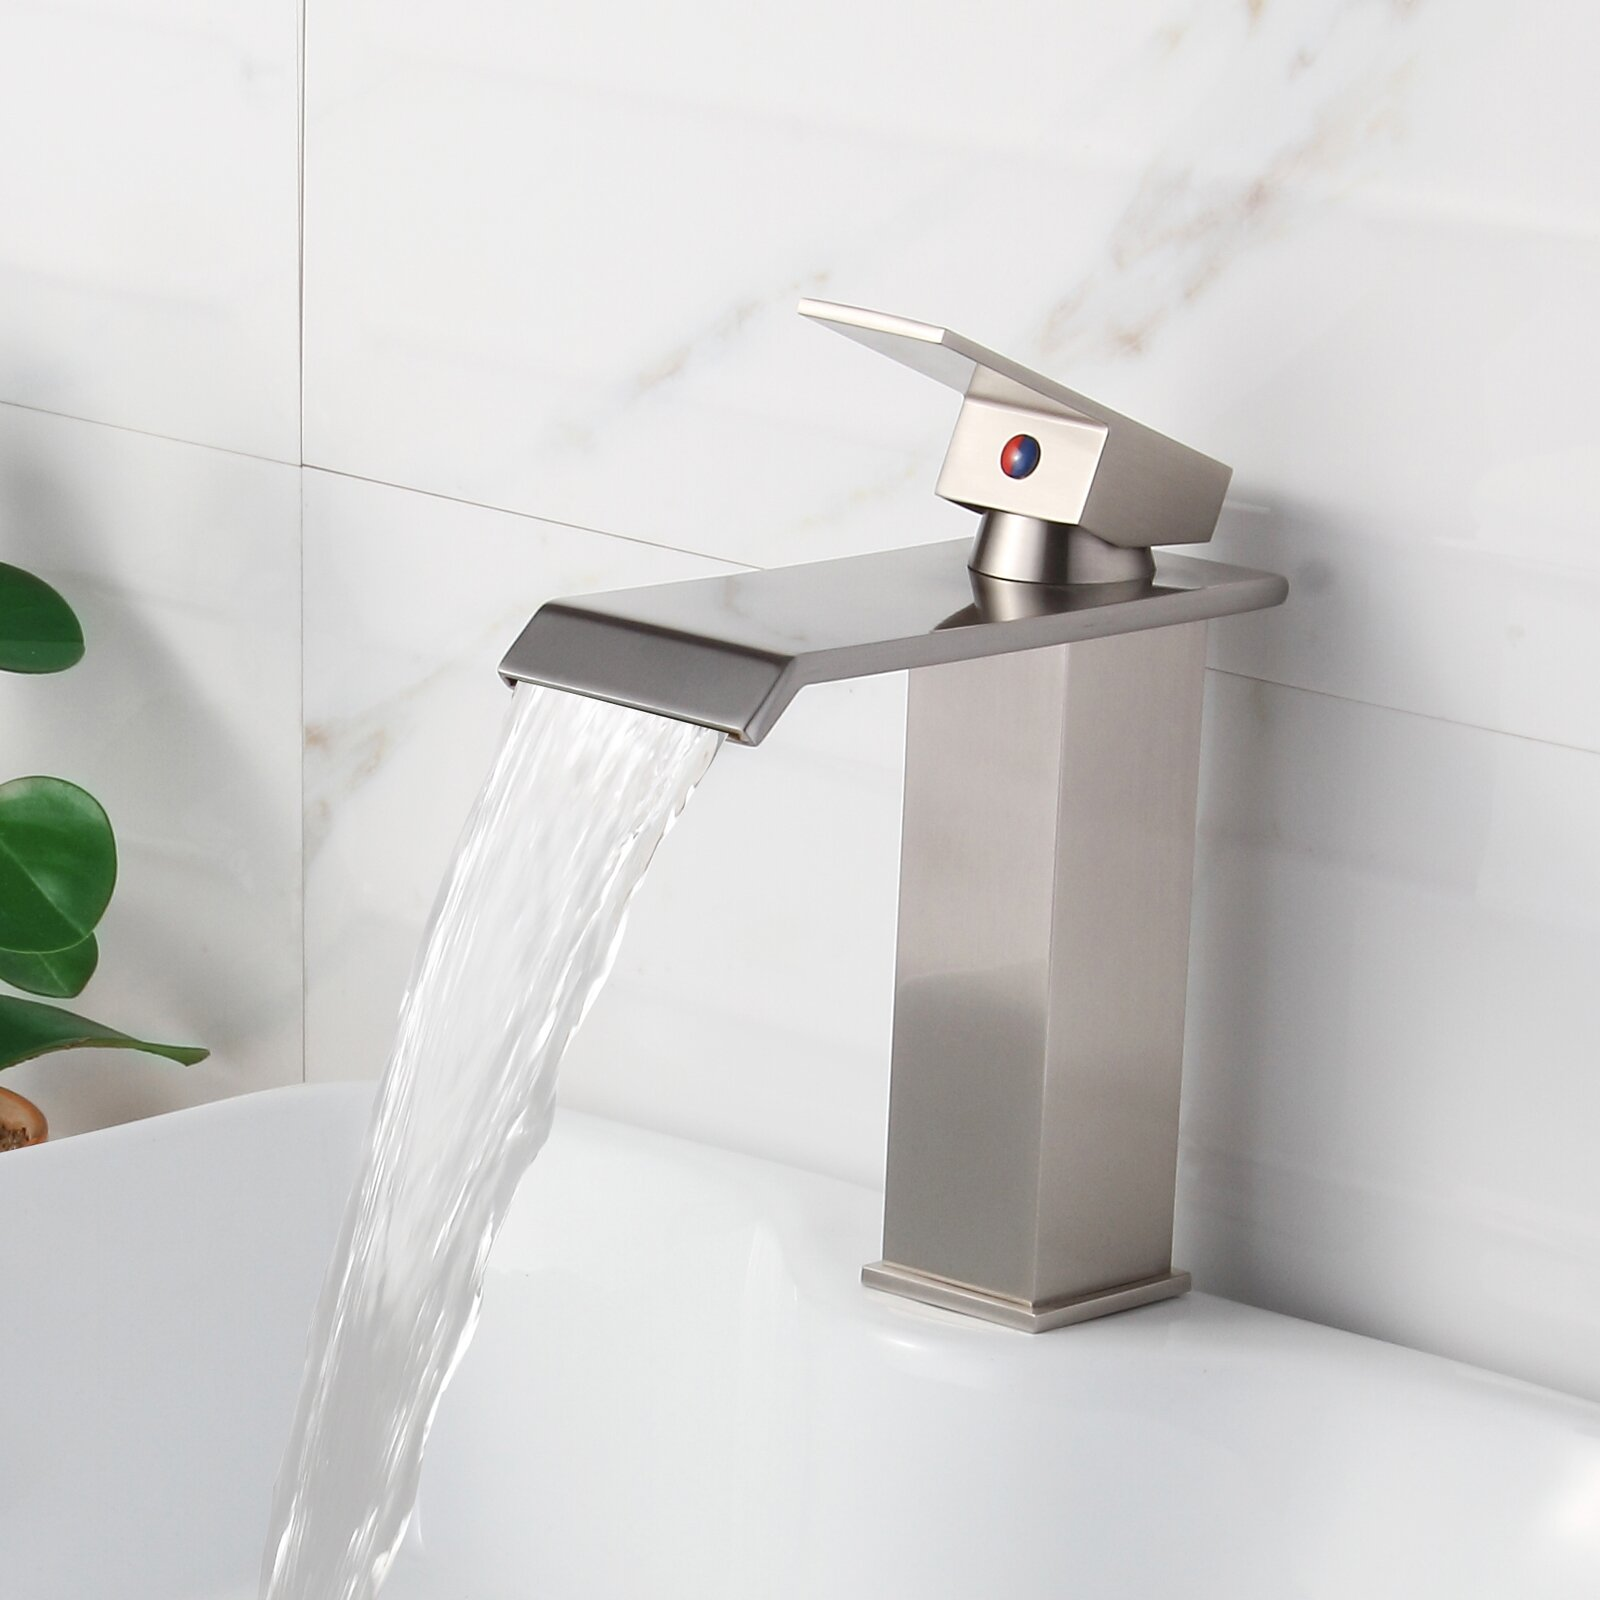 Elite Single Handle Bathroom Waterfall Faucet Reviews Wayfair